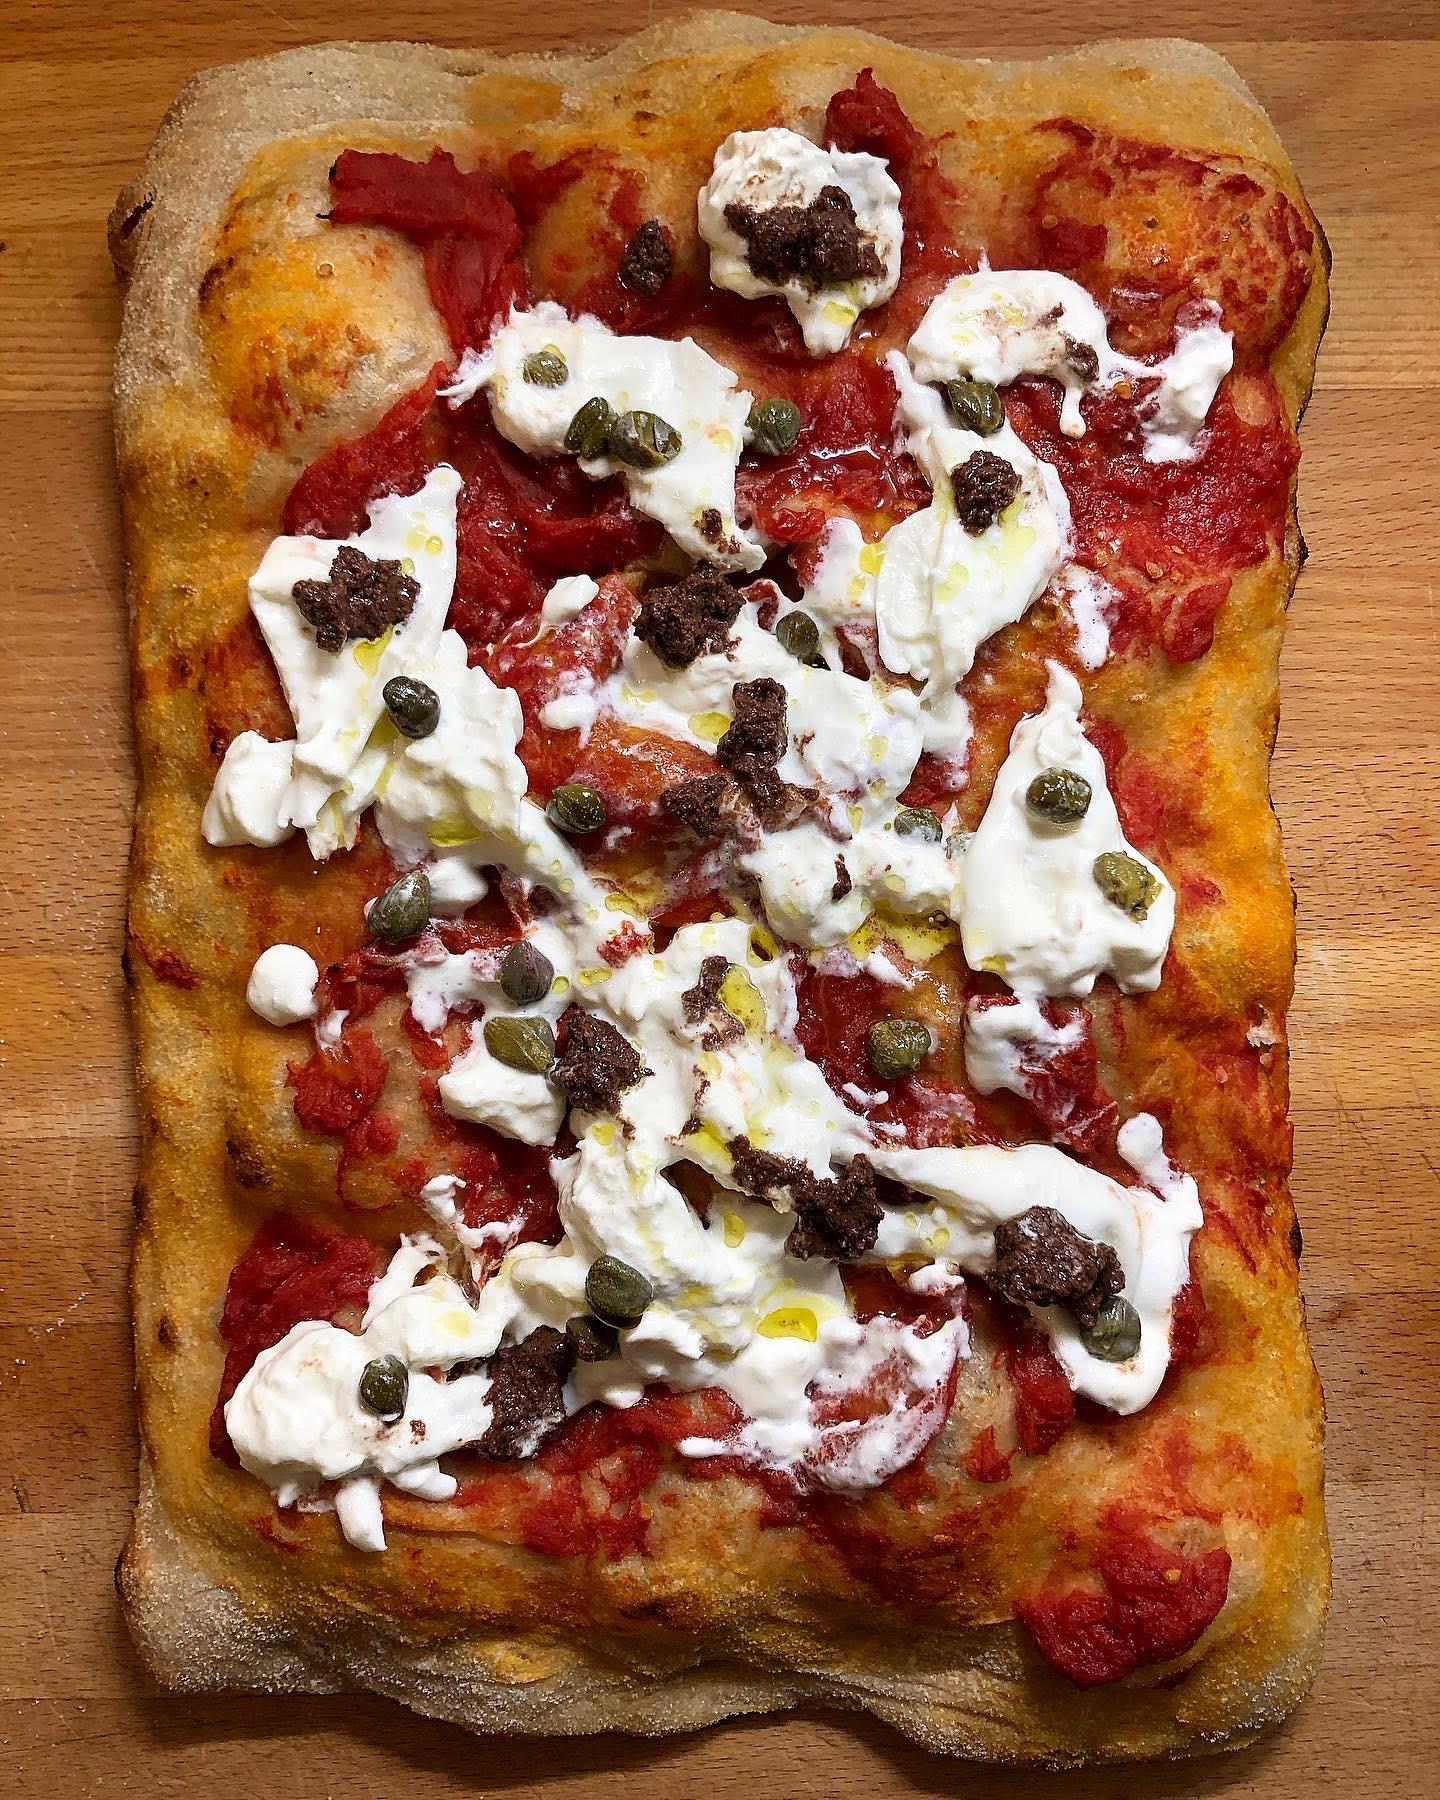 La pizza in teglia romana con i prodotti Enoteca Longo